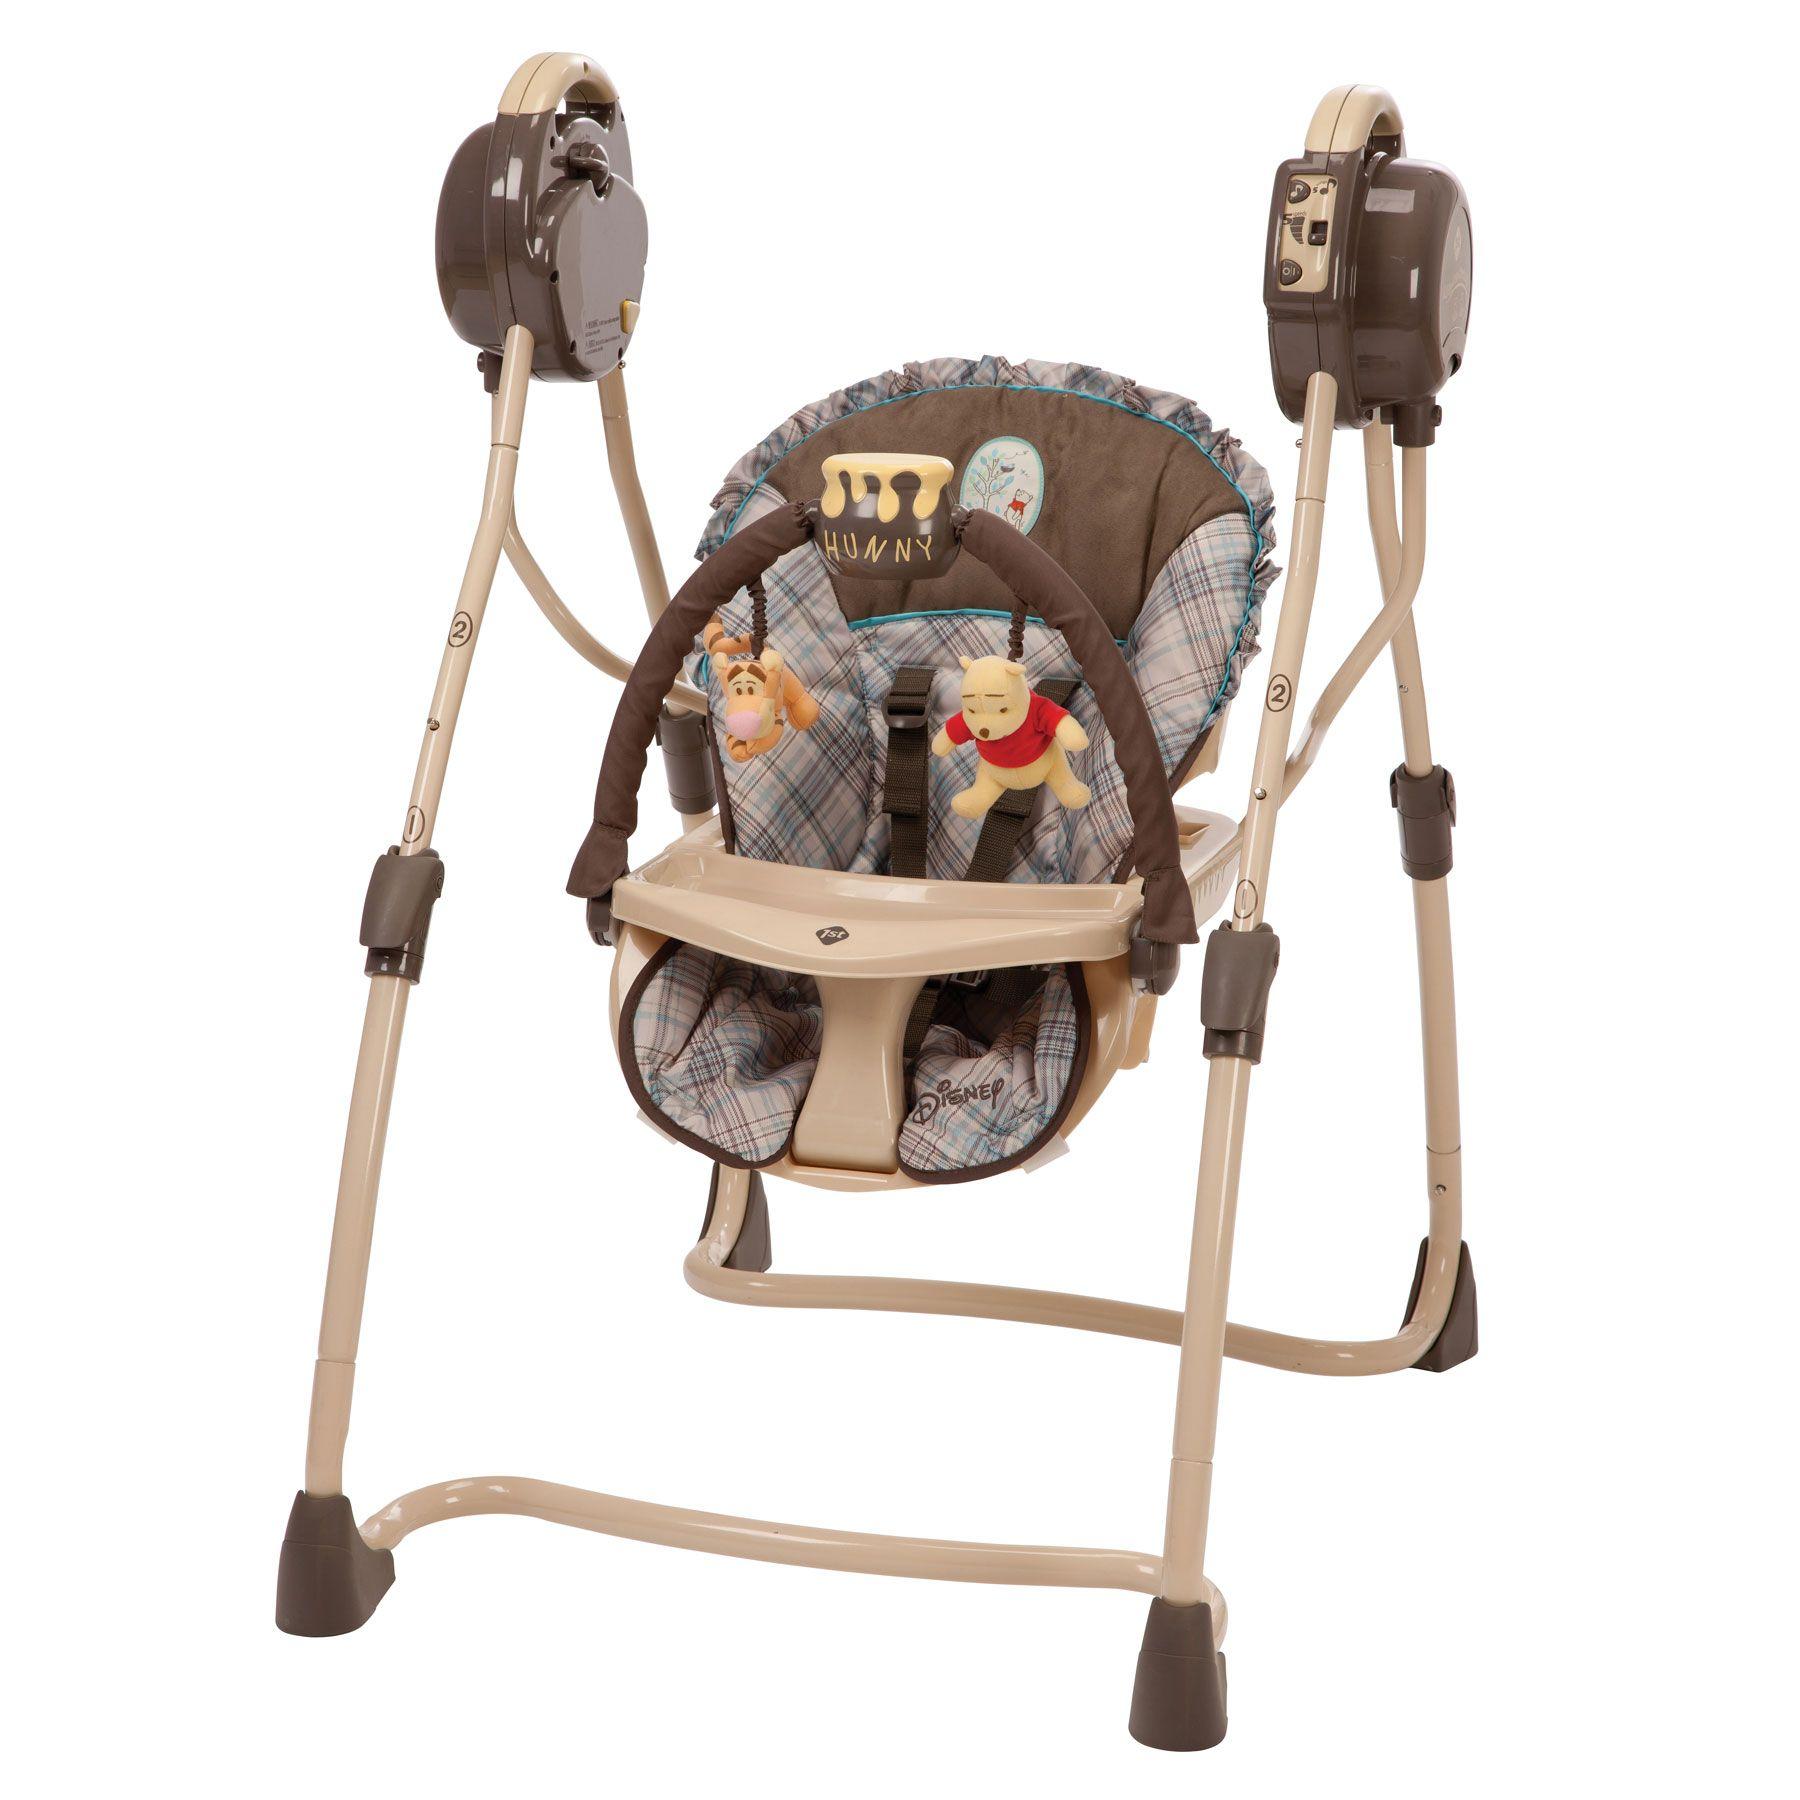 Friend Pooh -in- Swing Safety 1st Baby Swings Strollers